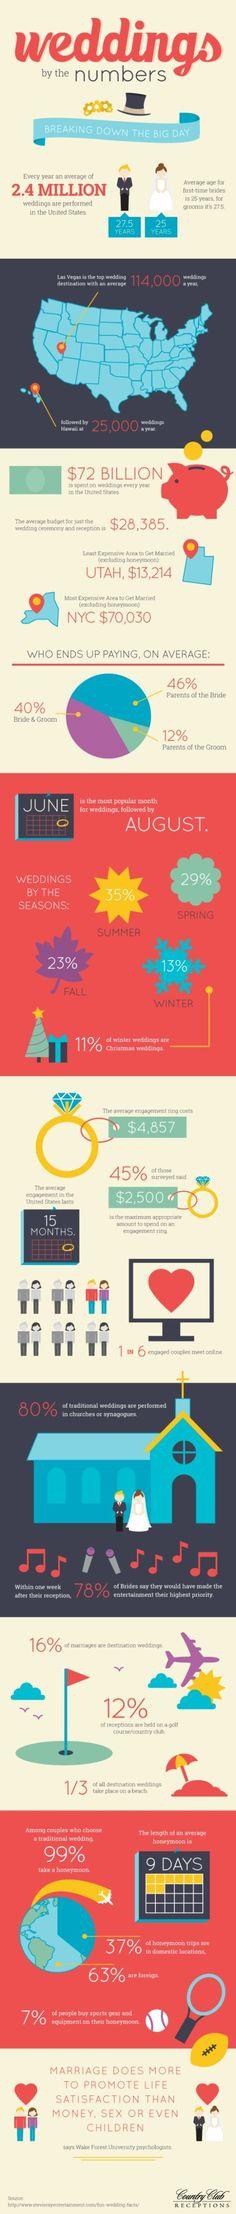 Fun wedding facts! #wedding #venue #countryclub http://www.weddingchicks.com/2014/07/09/country-club-receptions/